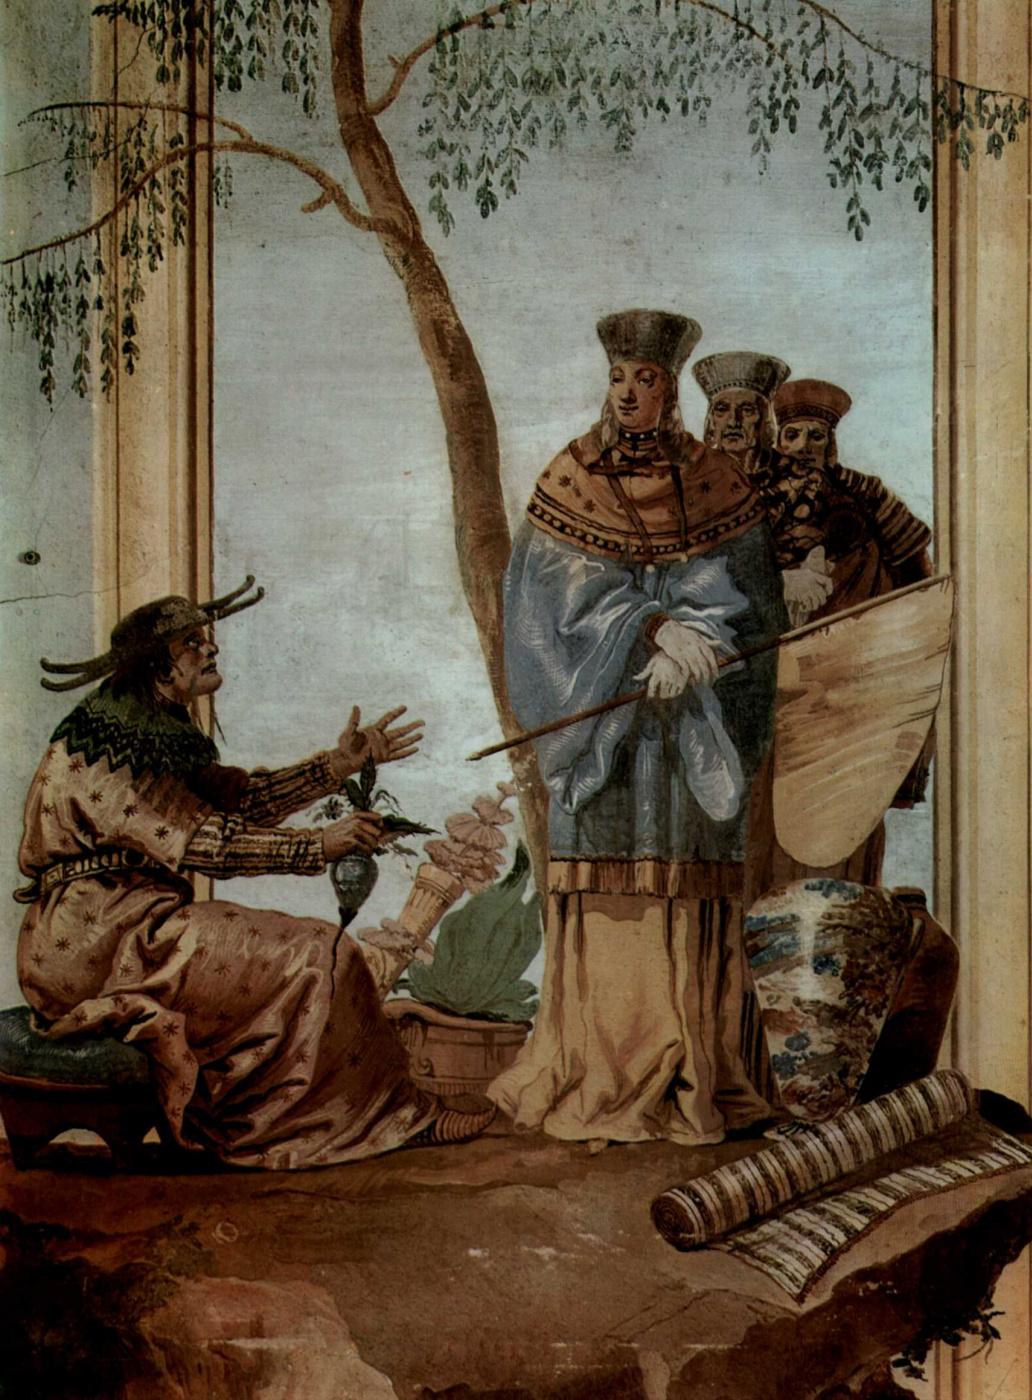 Giovanni Domenico Tiepolo. The frescoes of Villa Valmarana in Vicenza. Chinese Prince predictor